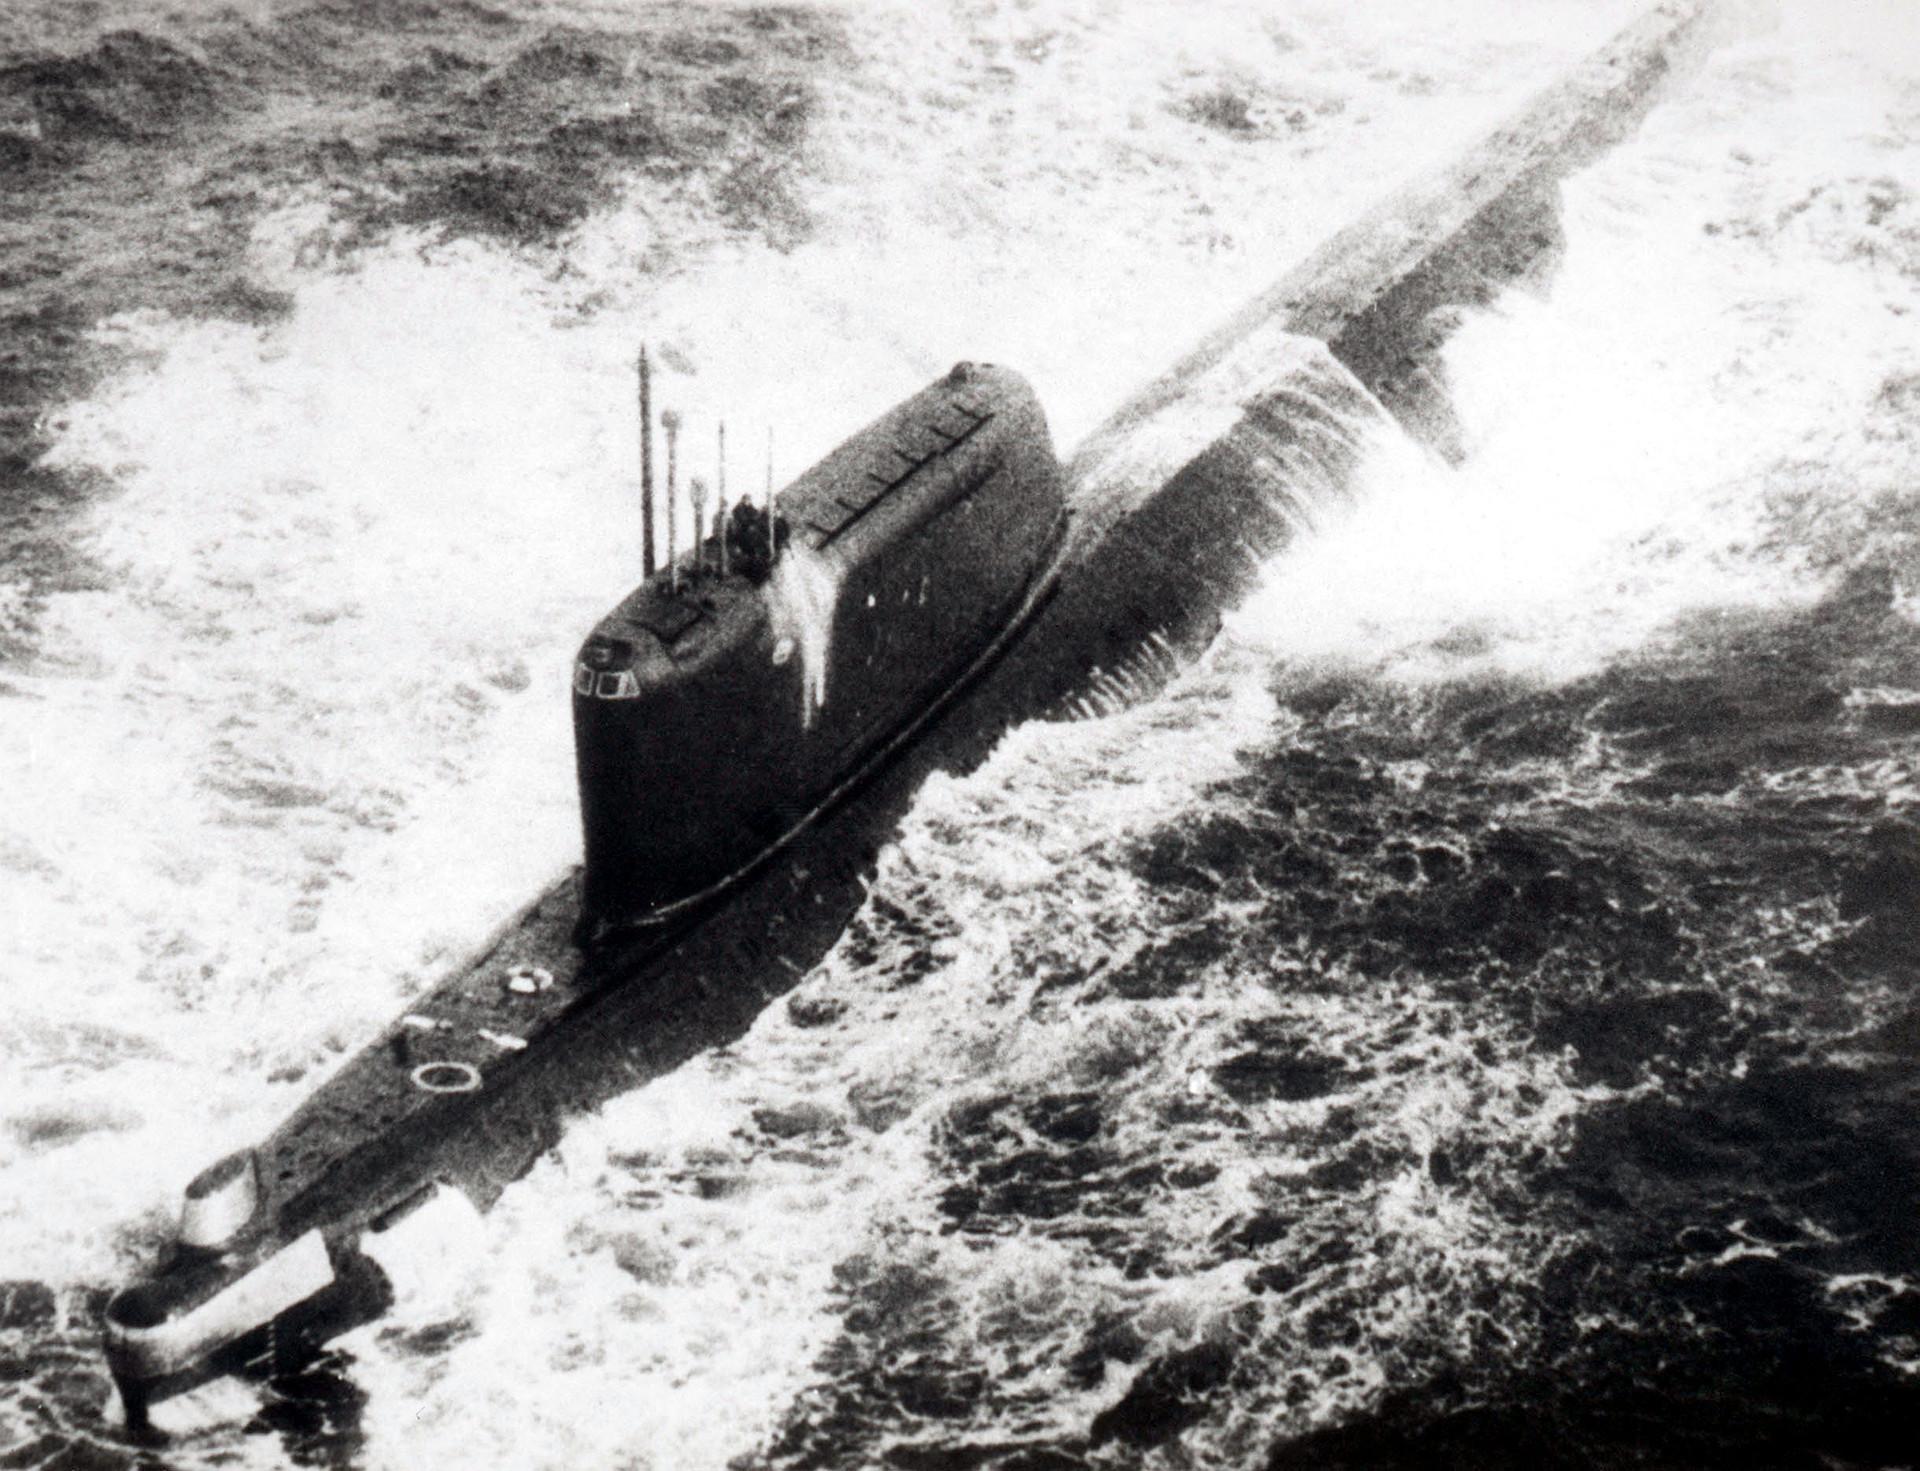 Ядерная катастрофа в северной Атлантике - авария на подводной лодке К-19